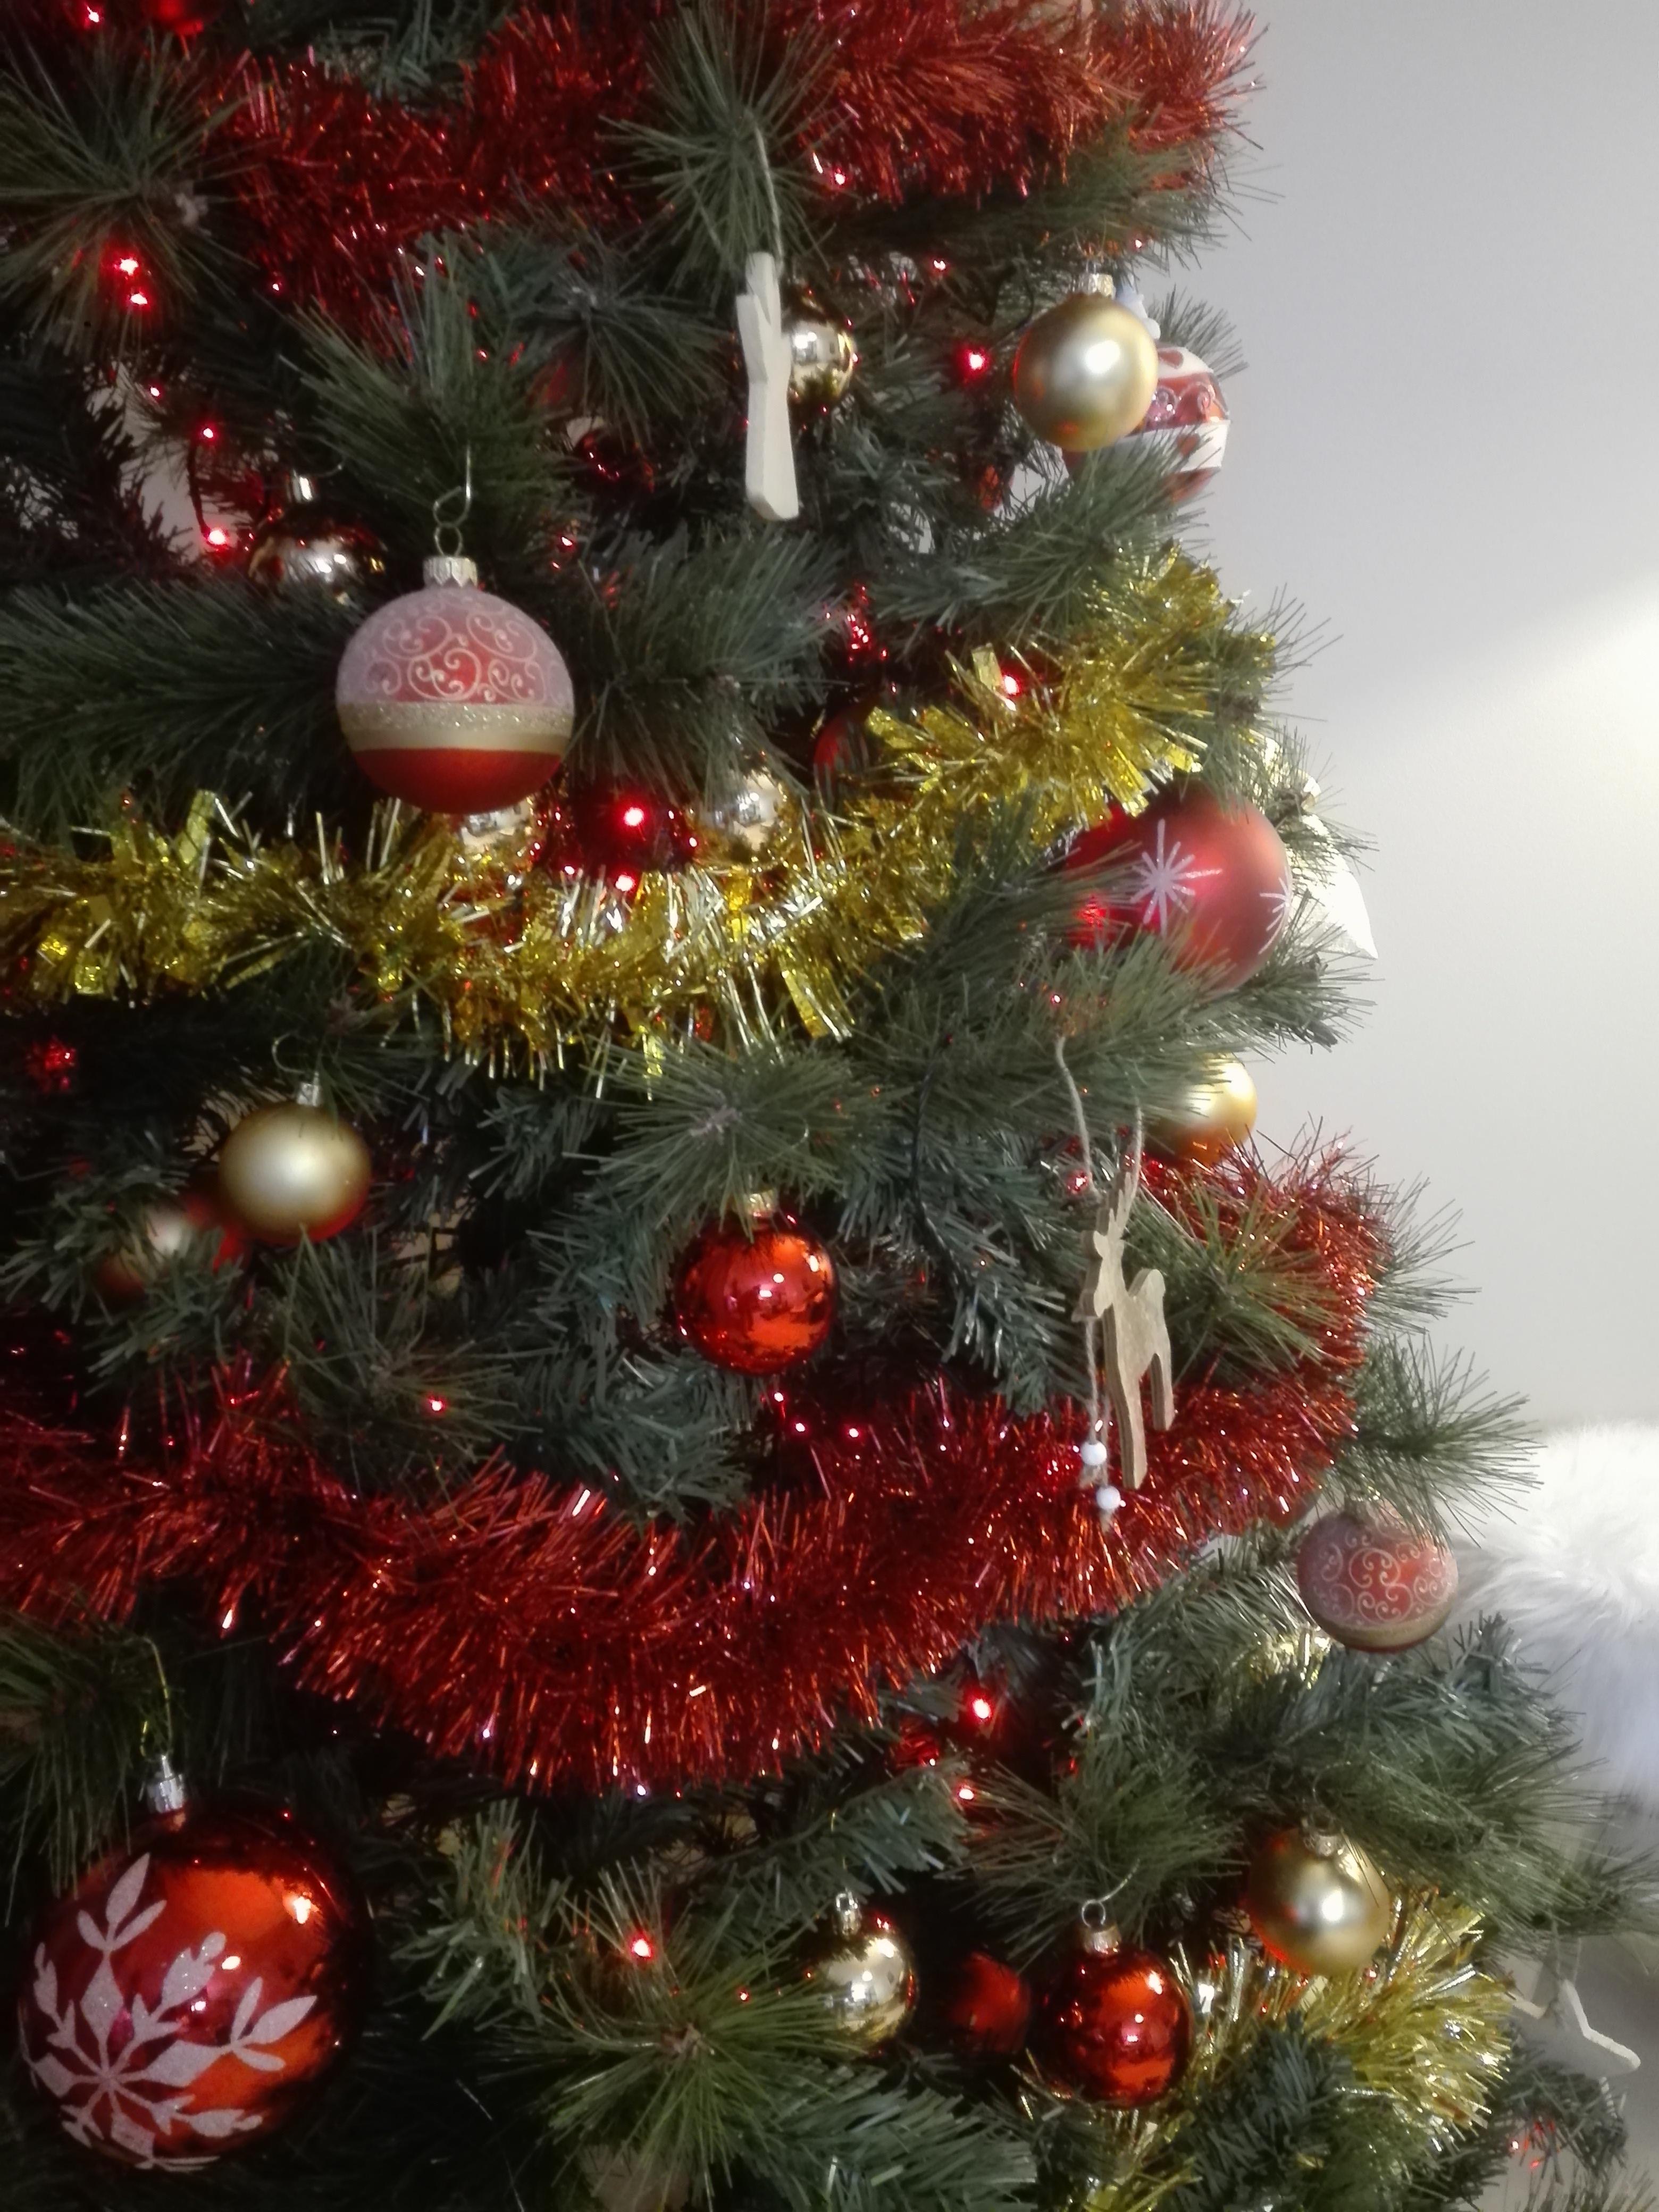 Comment Fixer Un Sapin De Noel dans quel ordre faut-il décorer son sapin de noël ? boules